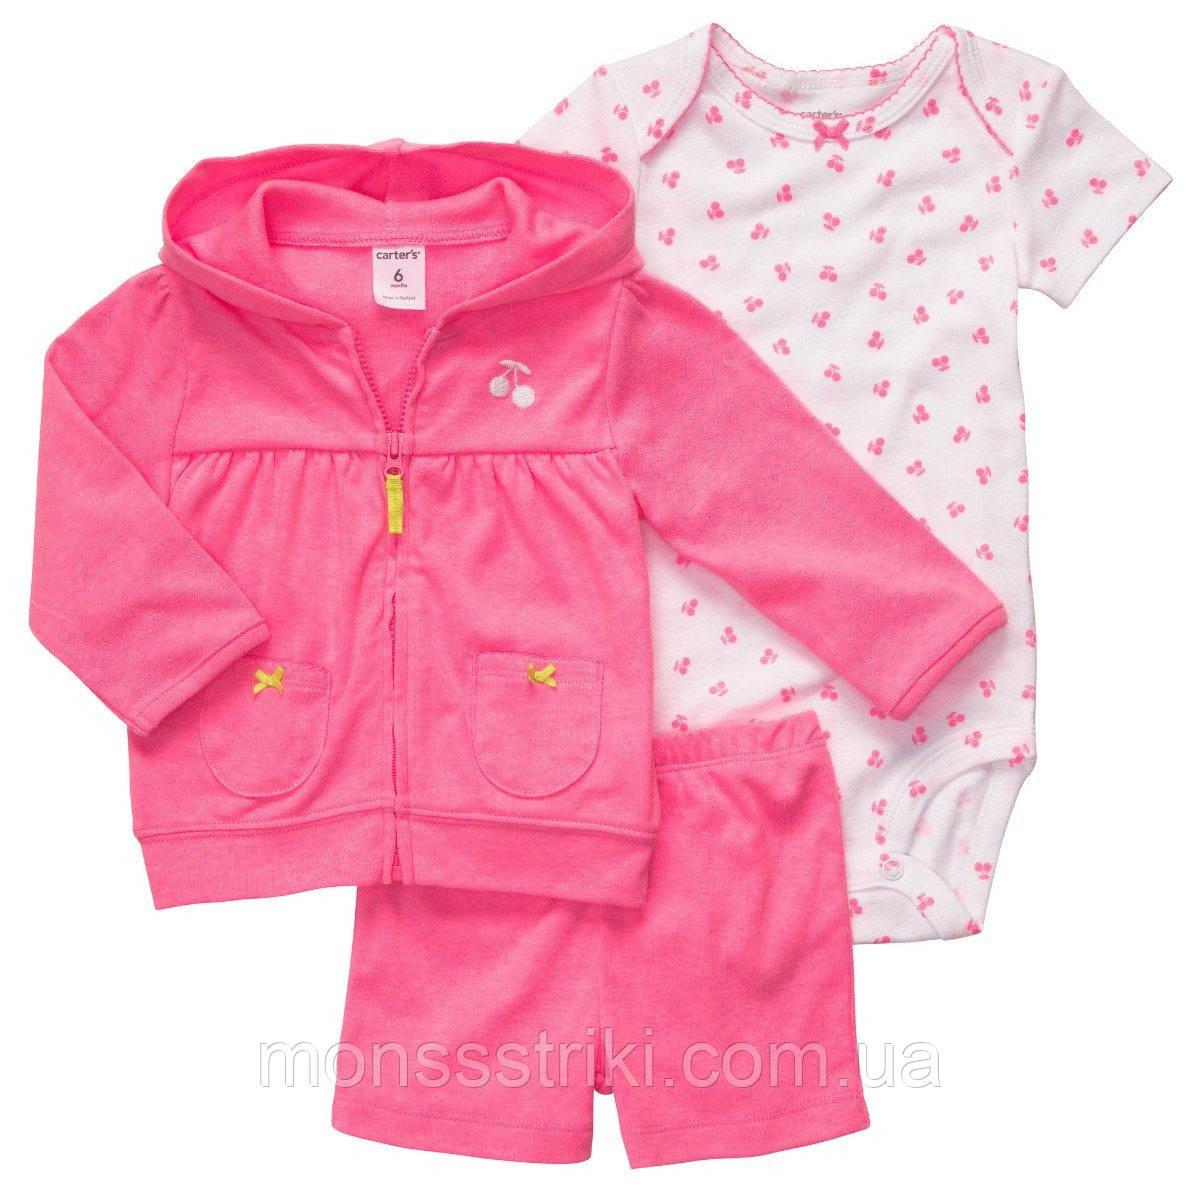 Брендовая одежда для мальчиков